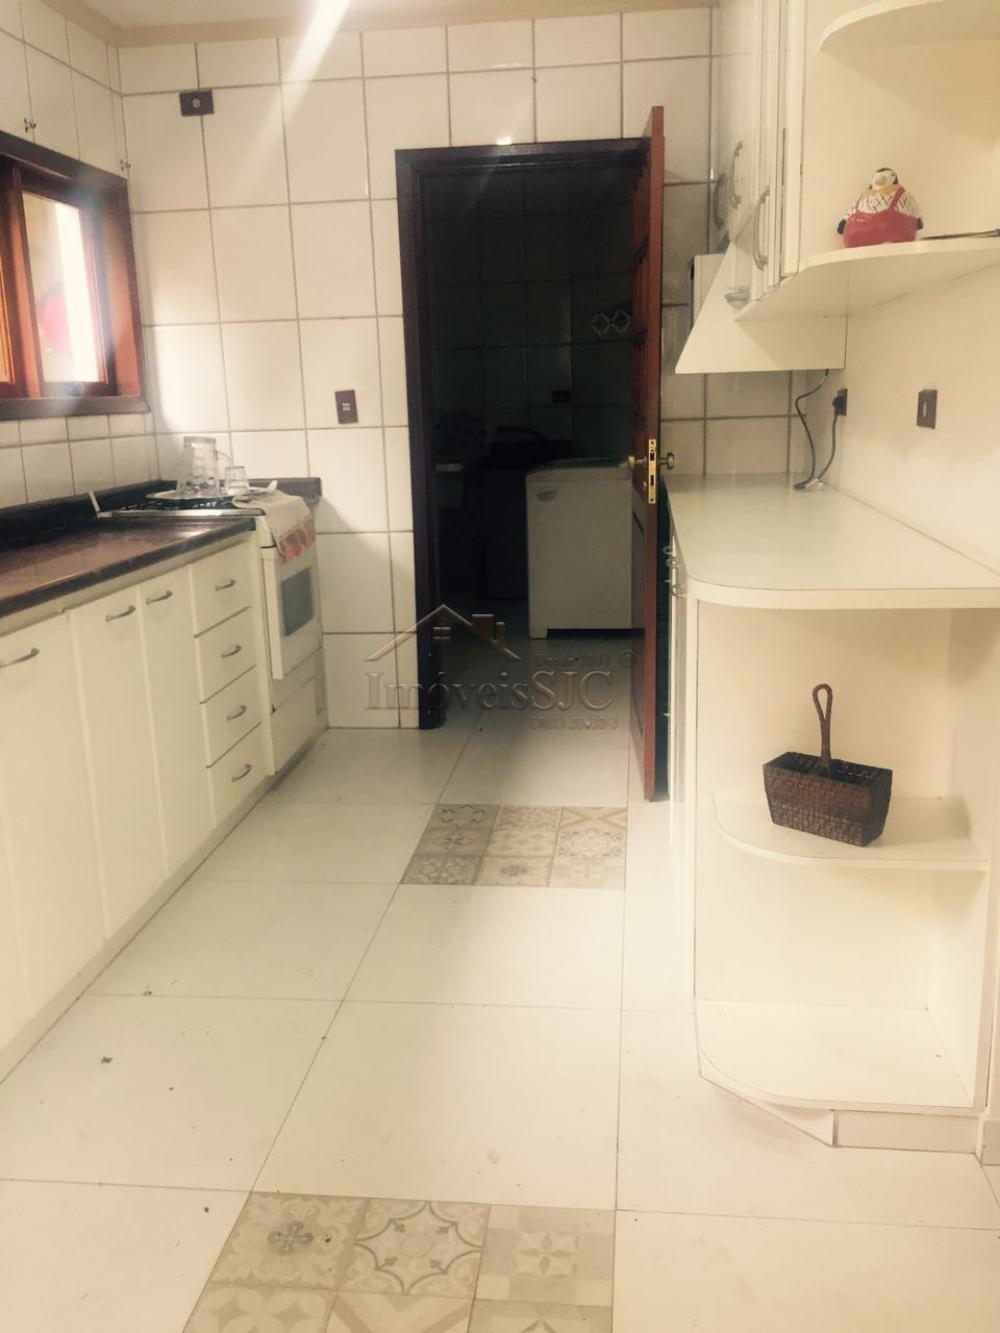 Alugar Casas / Condomínio em São José dos Campos apenas R$ 3.800,00 - Foto 5